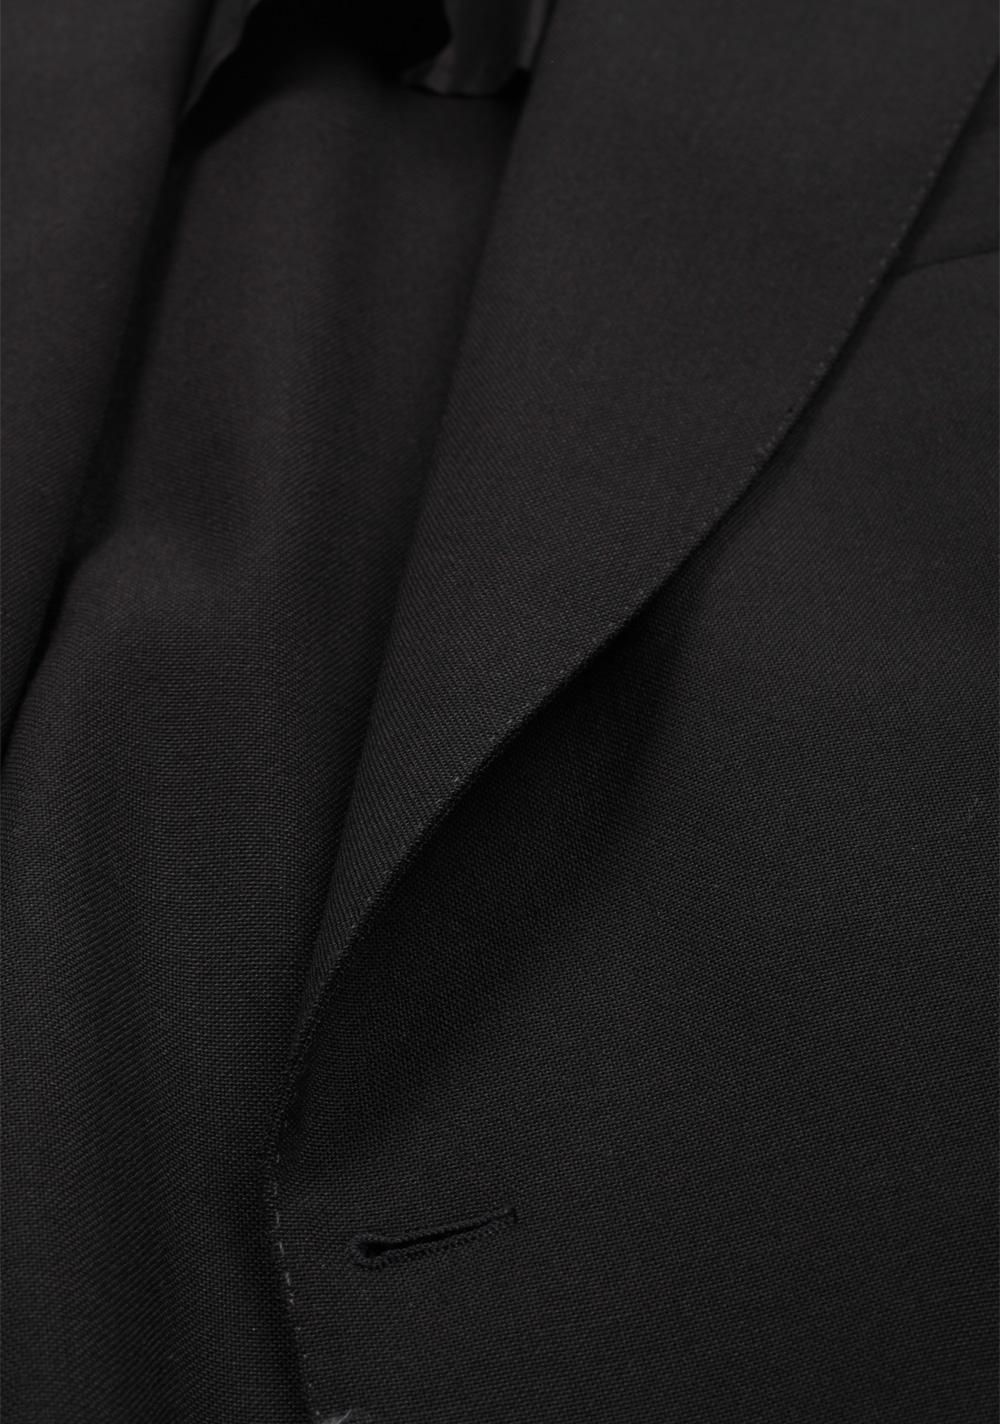 TOM FORD Shelton Black Suit Size 58L / 48L U.S. | Costume Limité